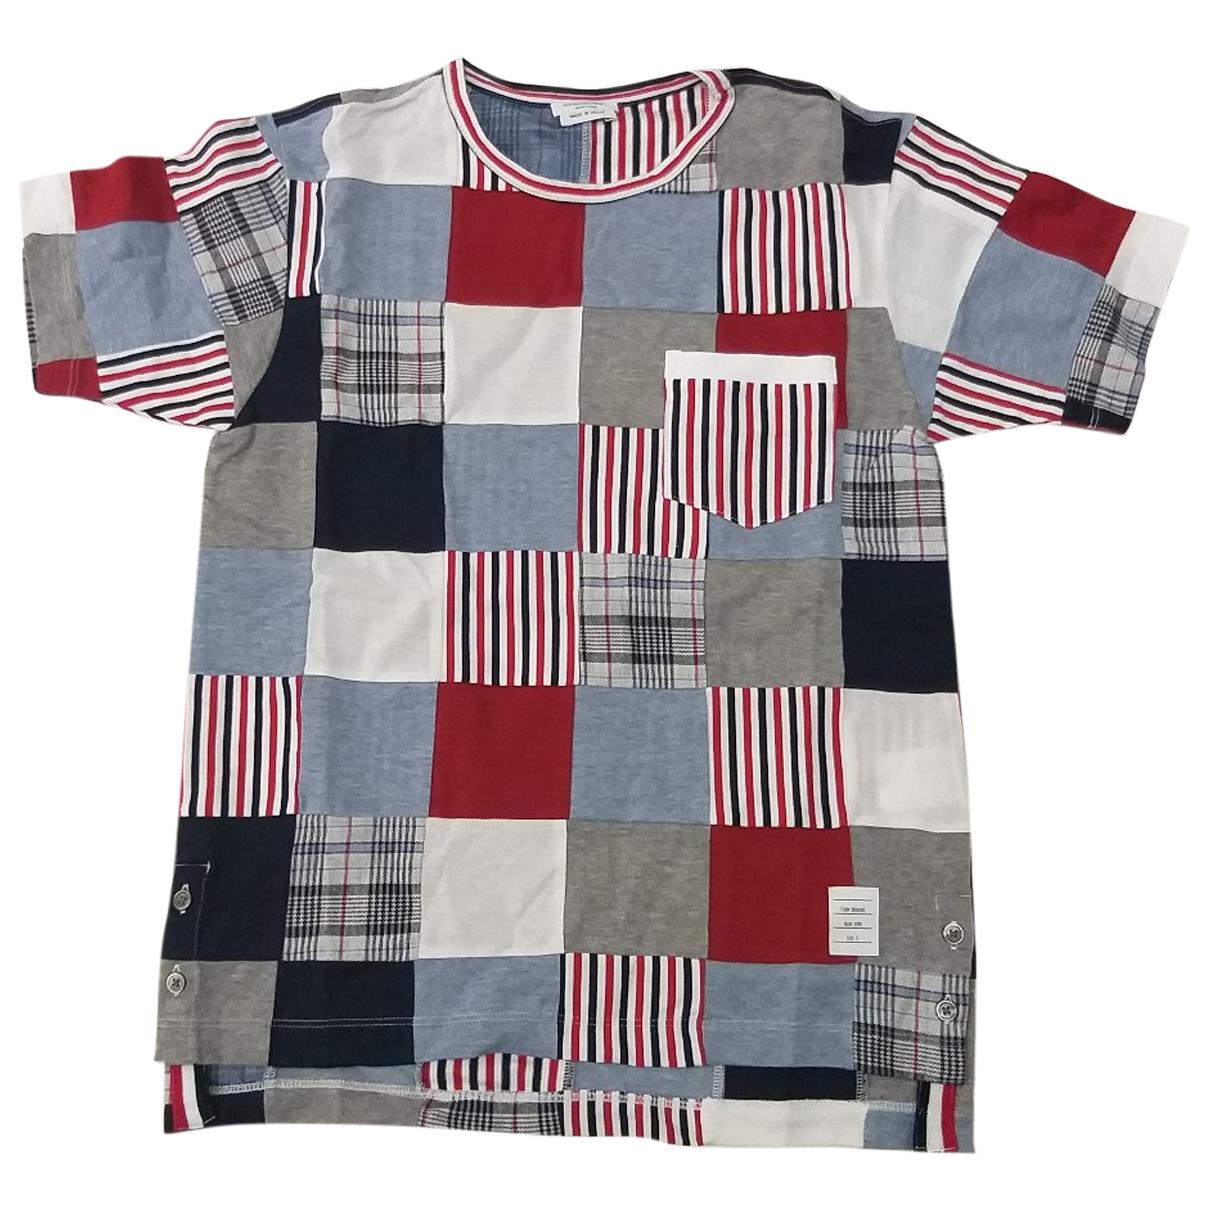 Thom Browne - Tee shirts   pour homme en coton